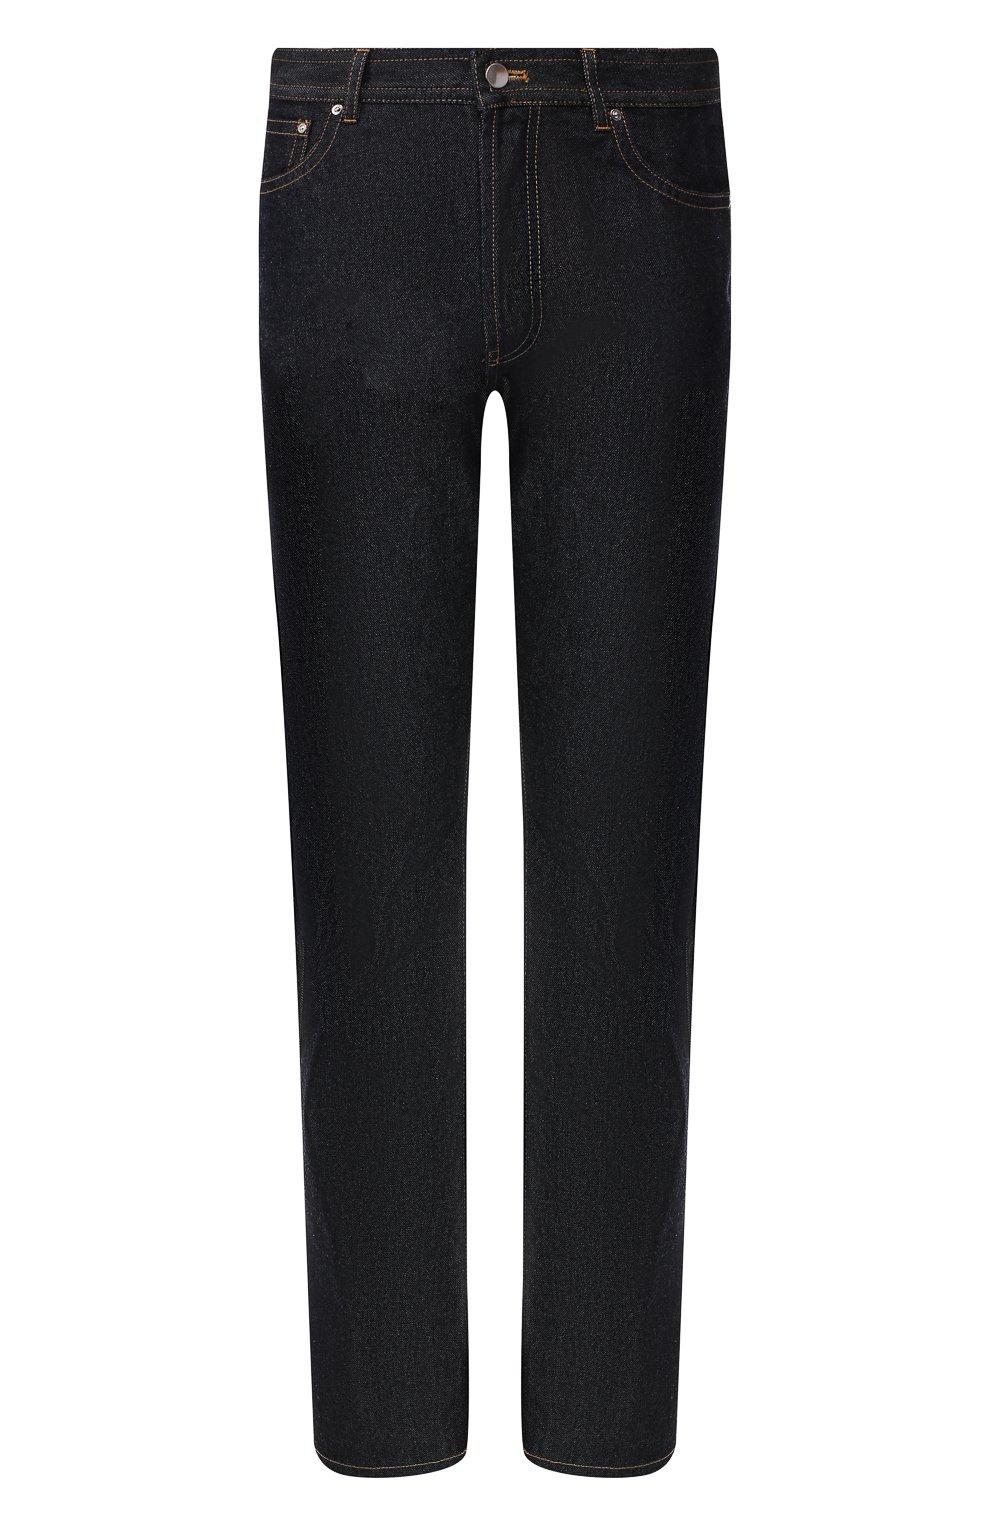 Мужские джинсы BOTTEGA VENETA темно-синего цвета, арт. 566888/VKBC0 | Фото 1 (Силуэт М (брюки): Прямые; Длина (брюки, джинсы): Стандартные; Материал внешний: Хлопок, Деним)